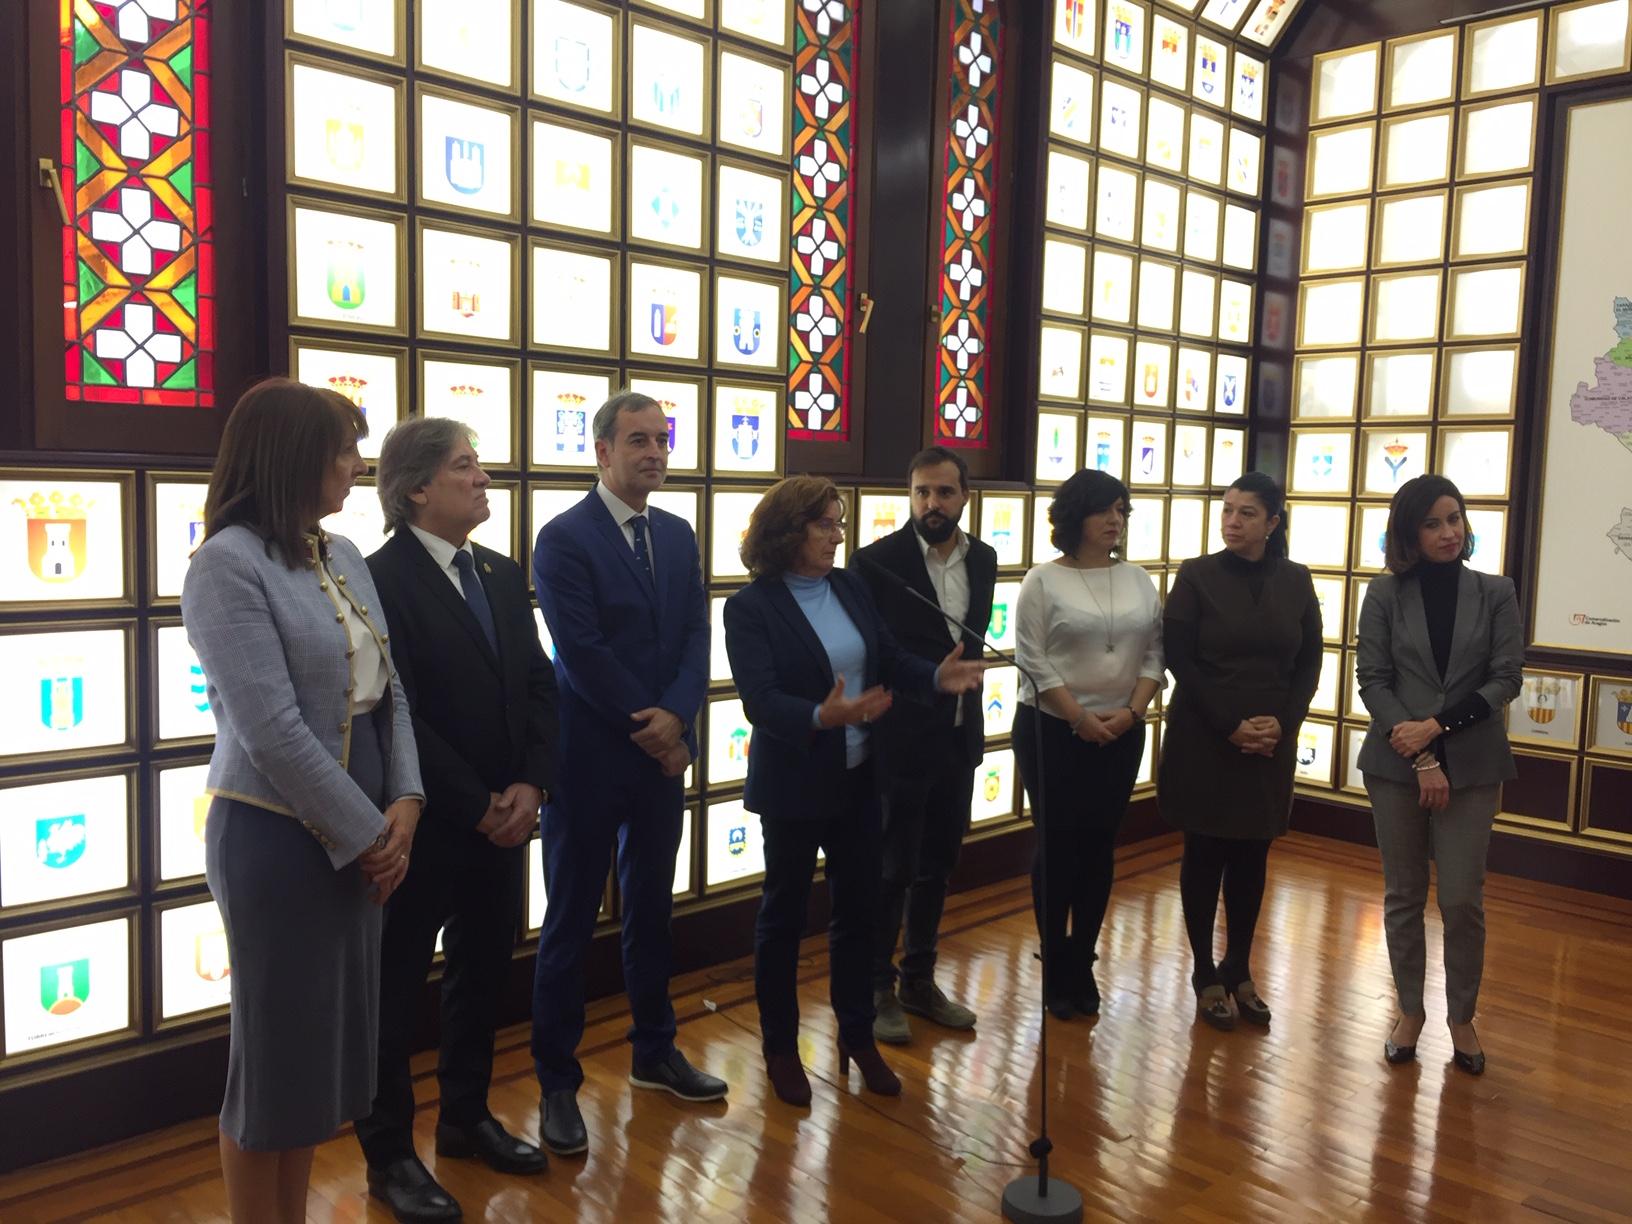 Binéfar participará en el grupo piloto de la plataforma de participación online para entidades locales aragonesas